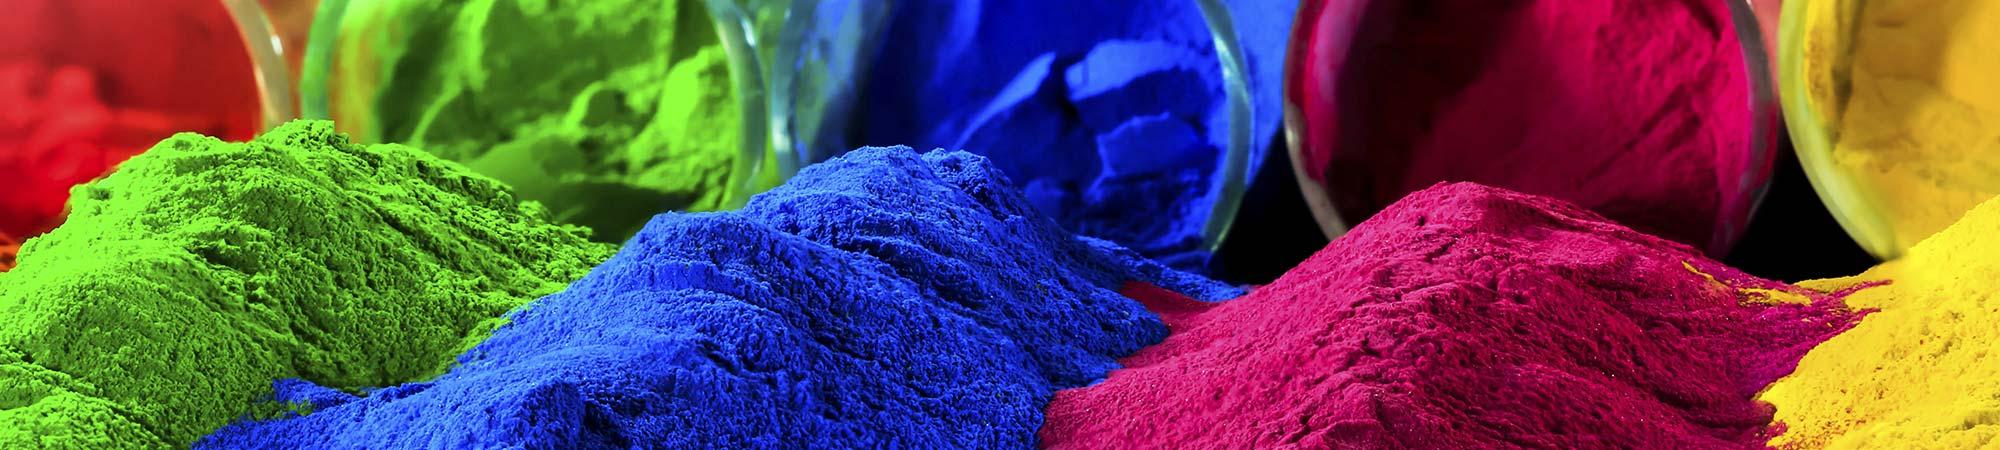 Pigment-pastes